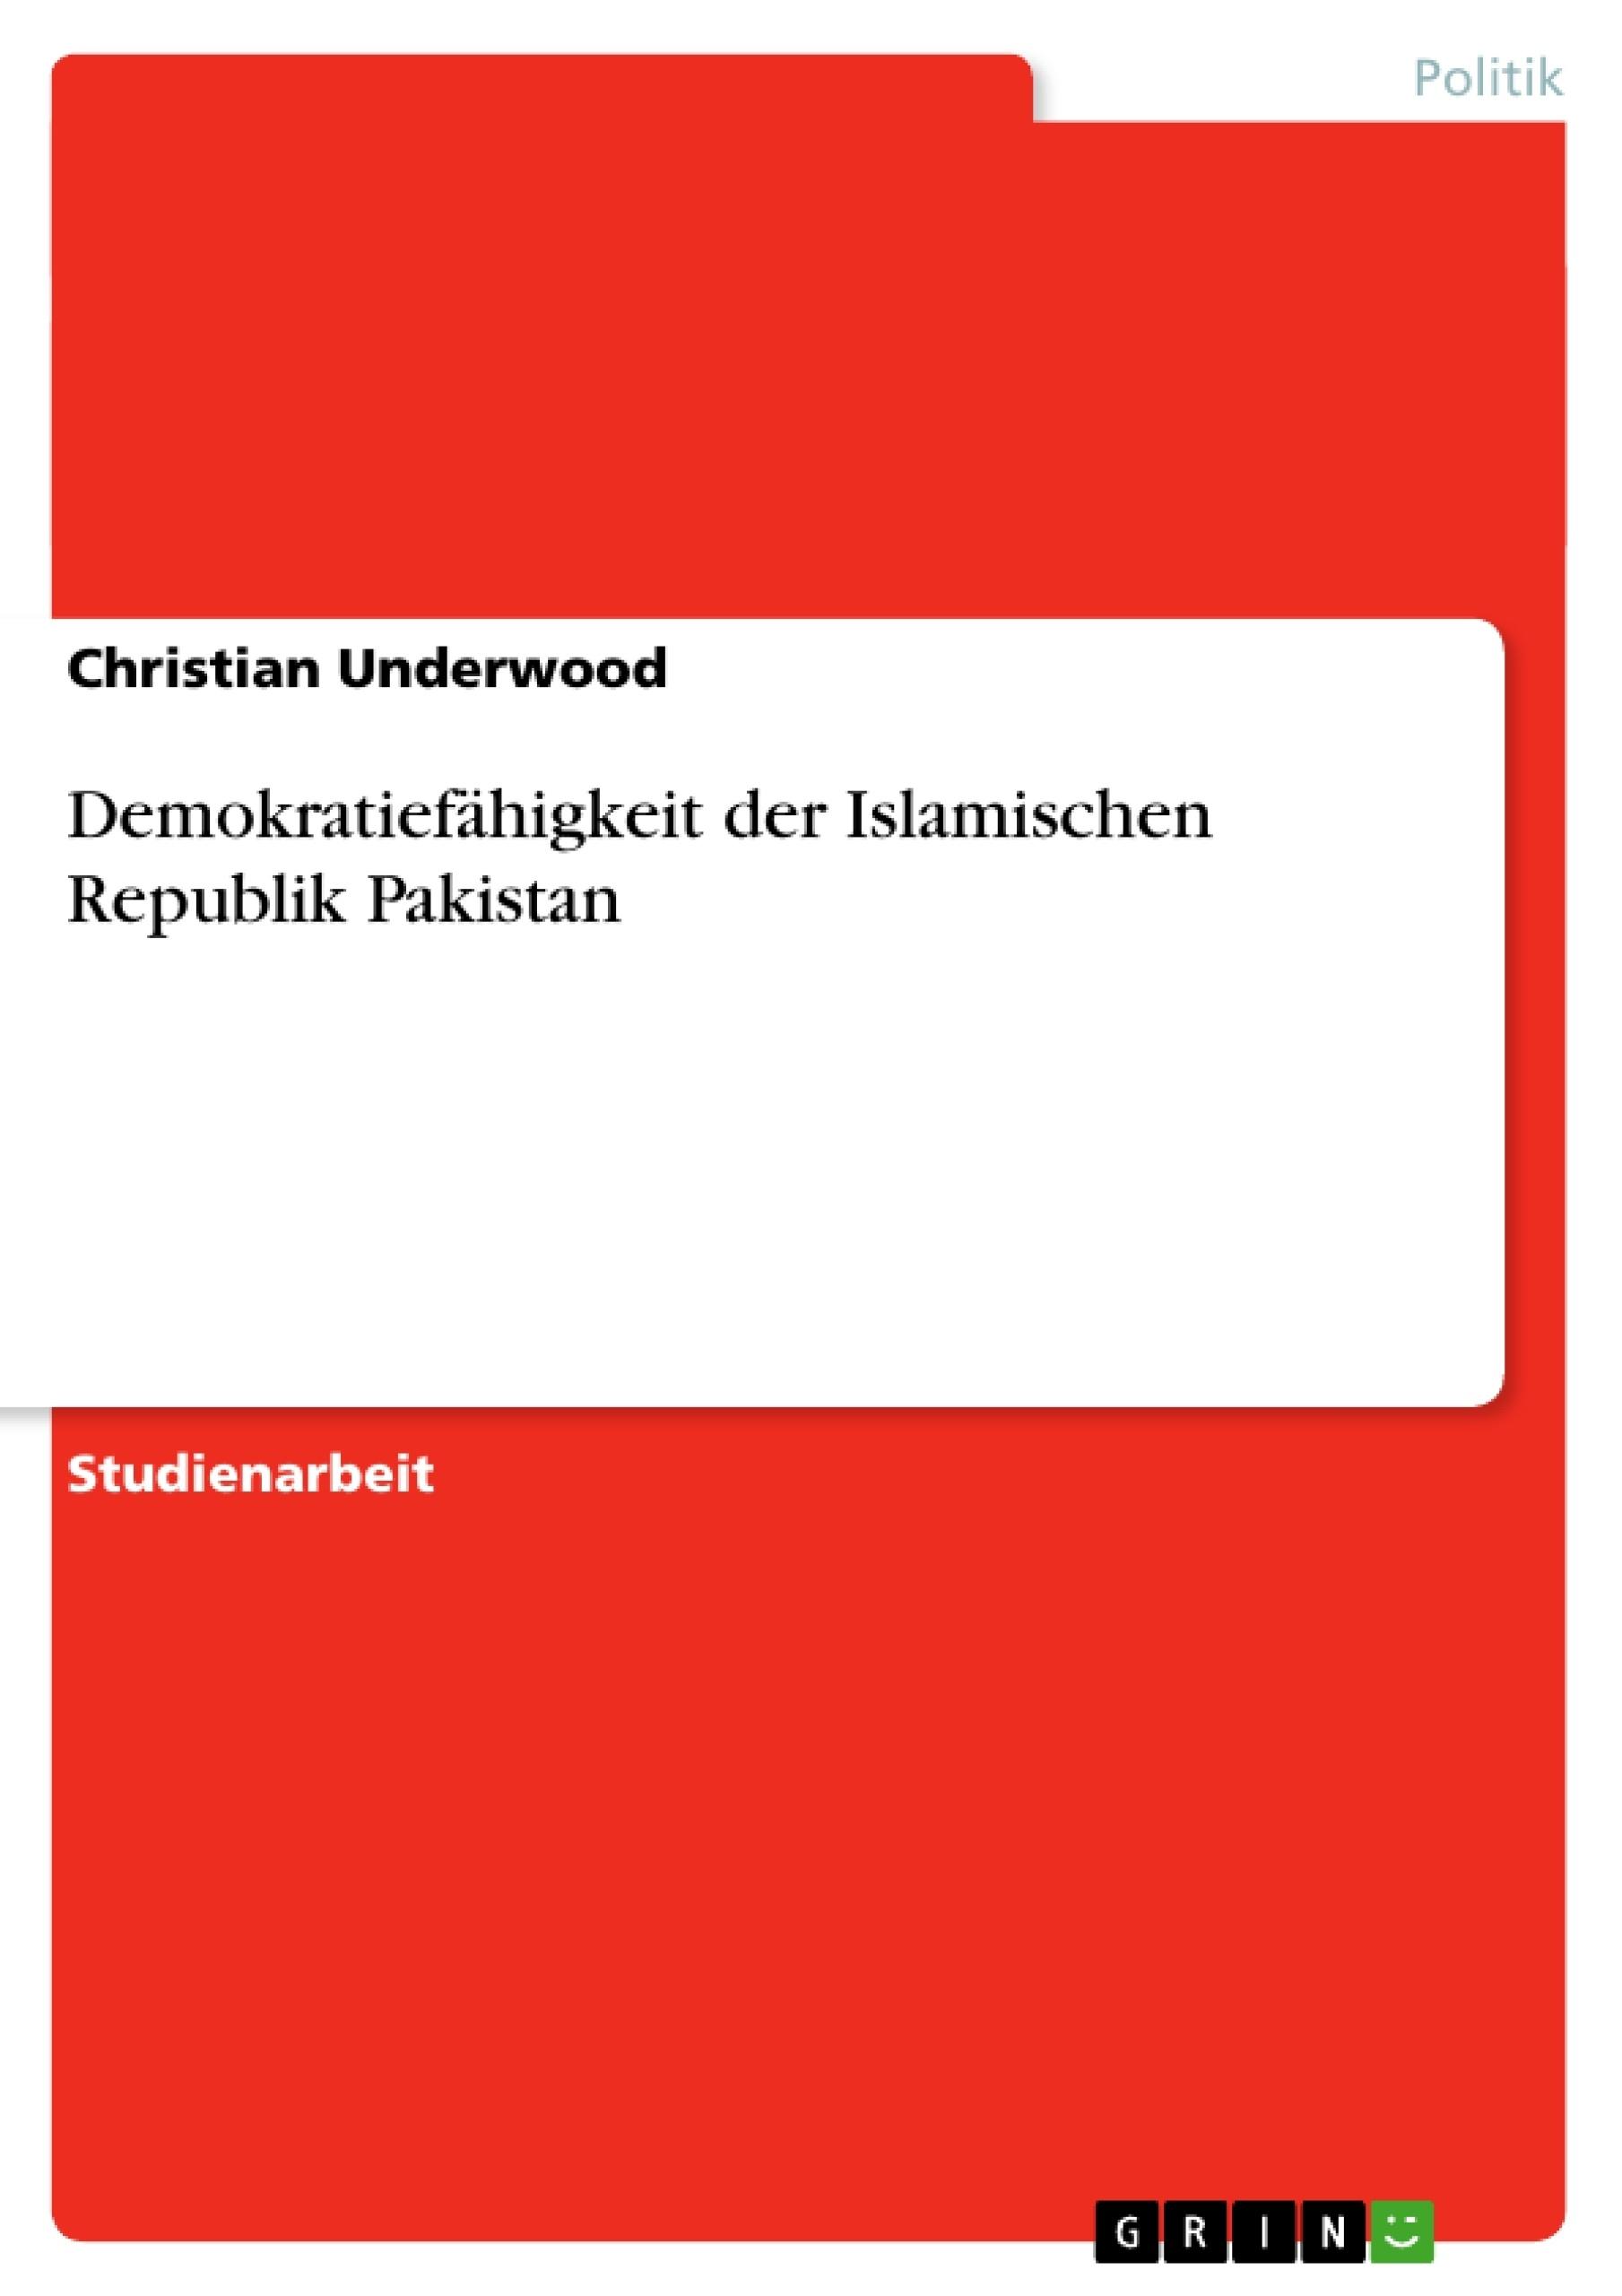 Titel: Demokratiefähigkeit der Islamischen Republik Pakistan